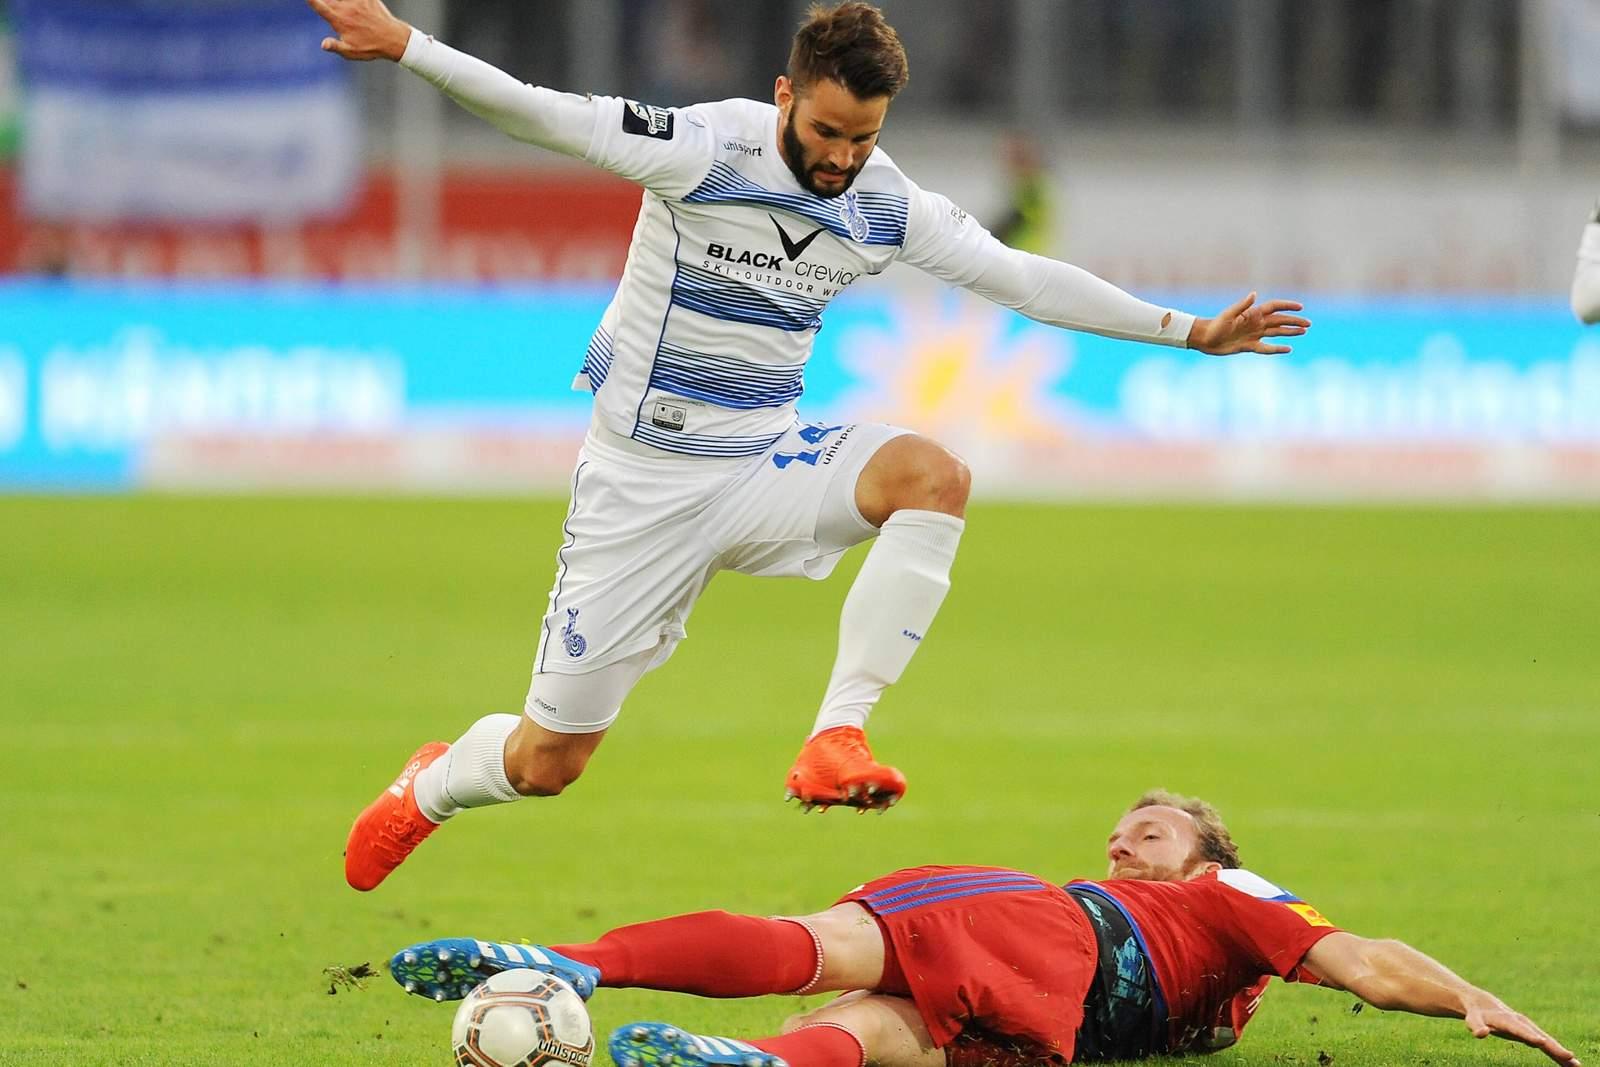 Setzt sich Albutat gegen Peitz durch? Jetzt auf MSV Duisburg gegen Holstein Kiel wetten